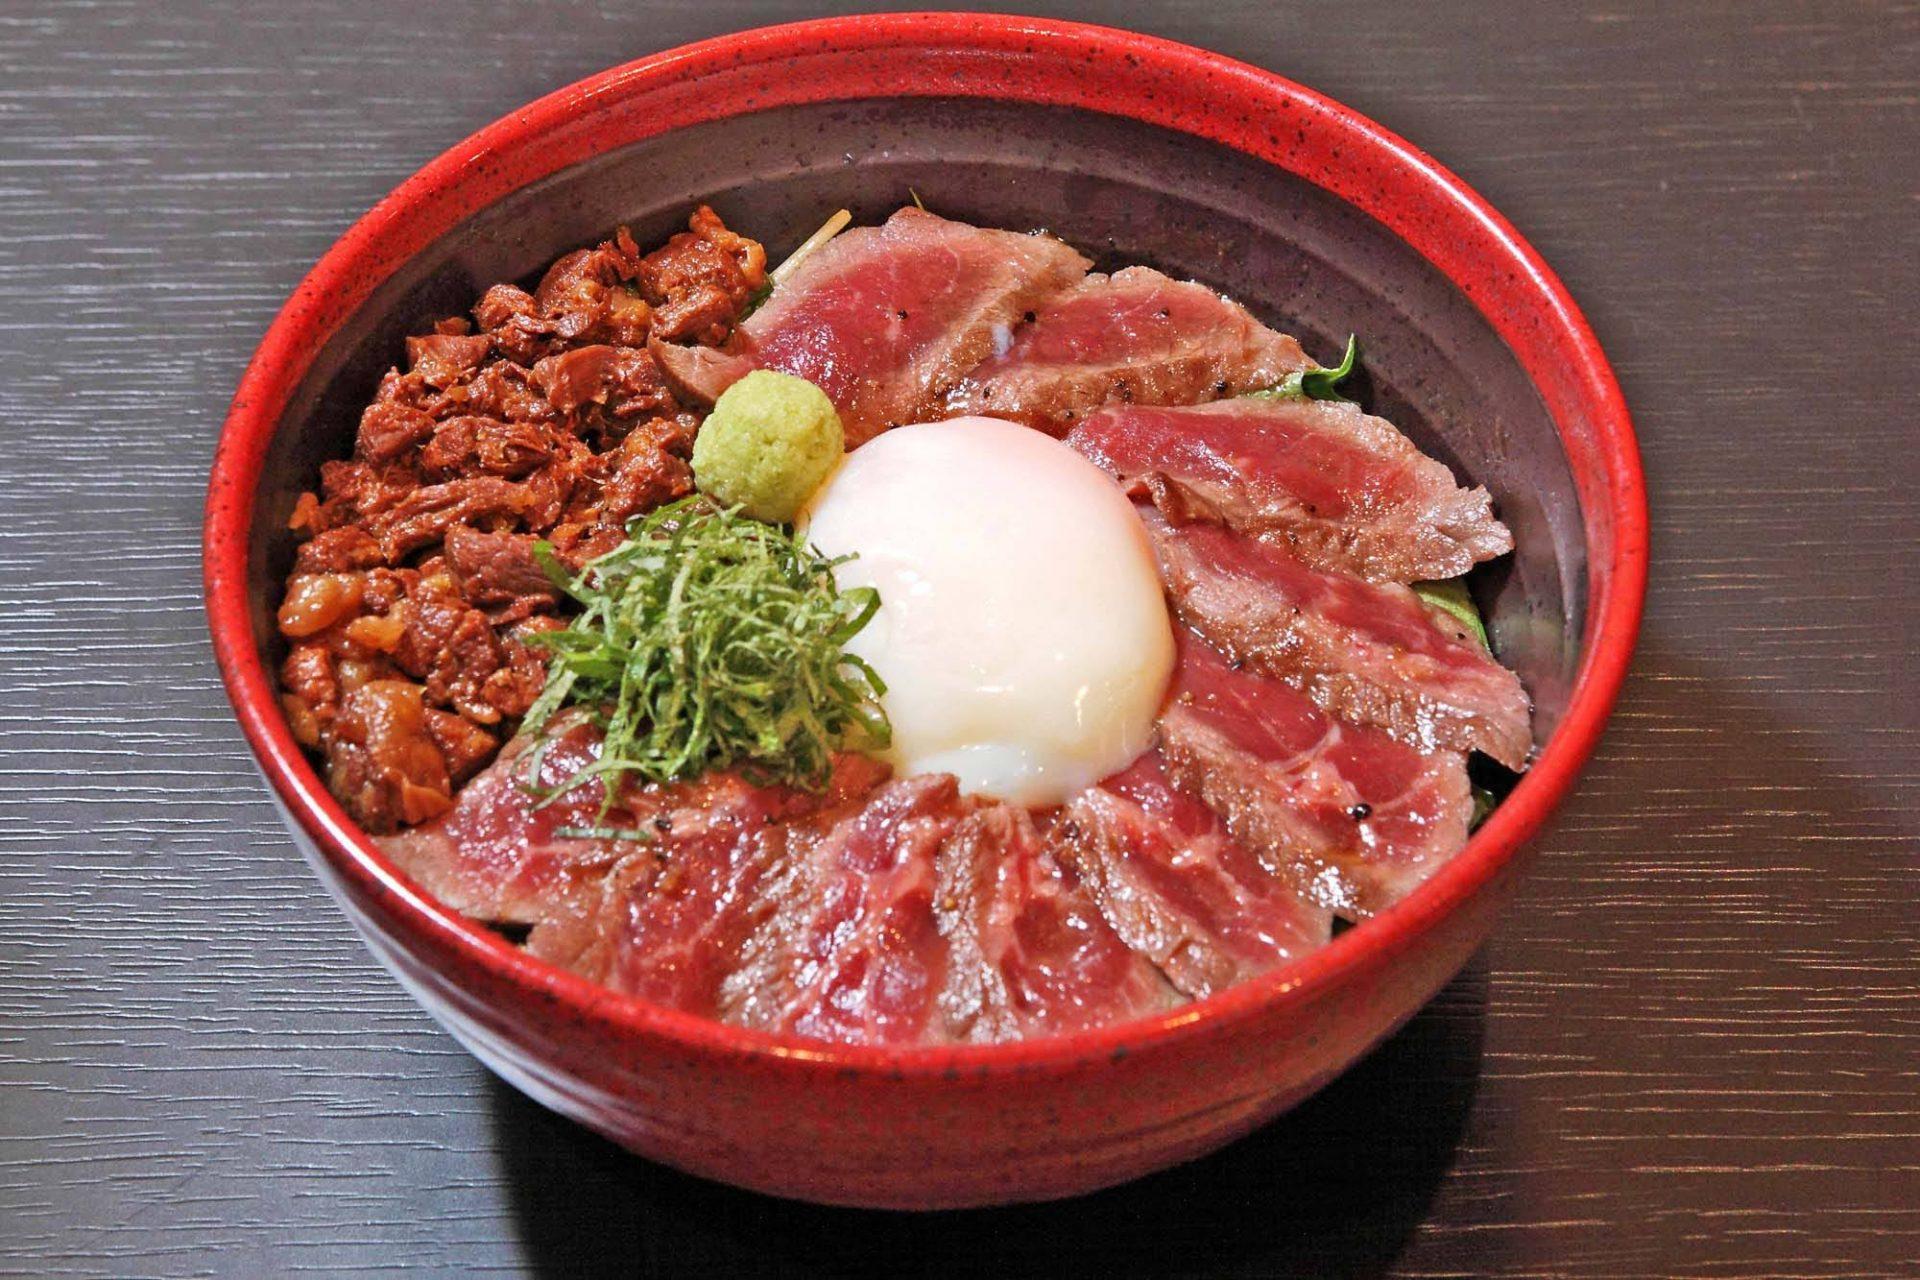 あか牛丼 熊本 食べ物 ご当地 グルメ 有名 人気